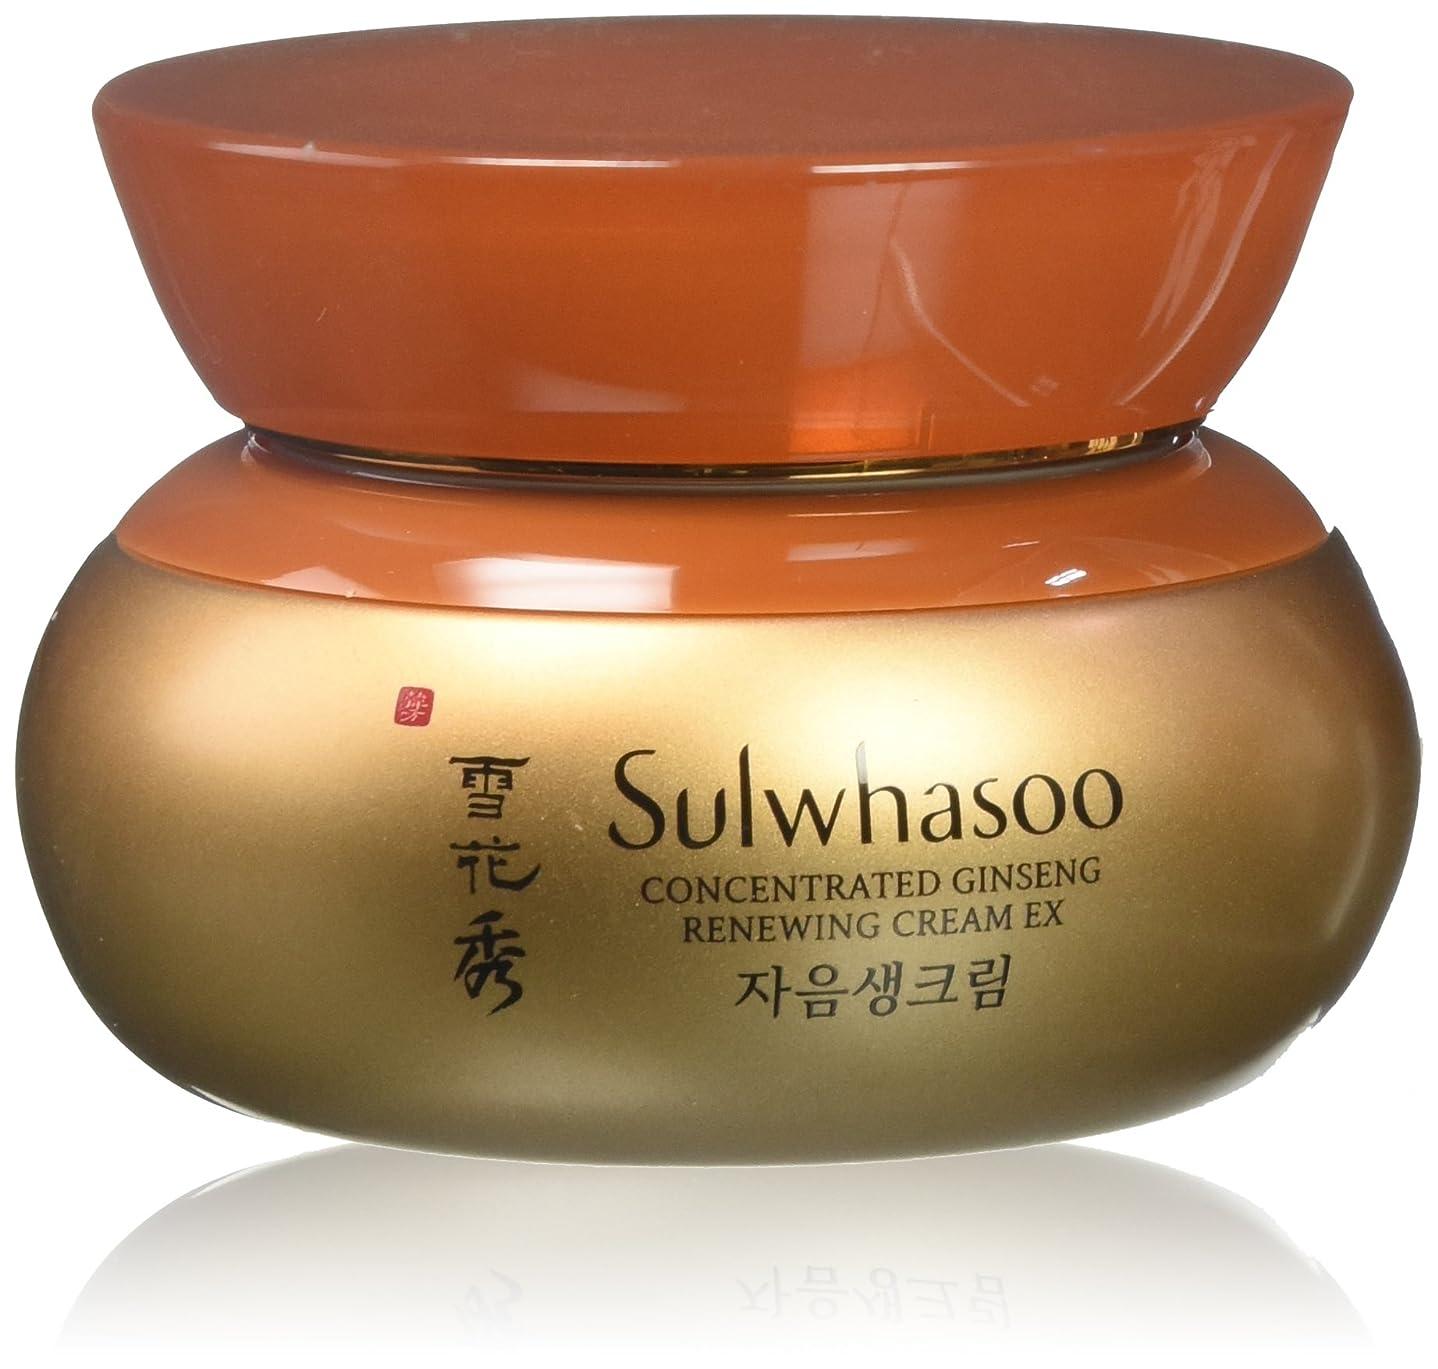 尊敬するディンカルビルボイラー雪花秀 滋陰生(ジャウムセン)クリーム Concentrated Ginseng Cream 60ml